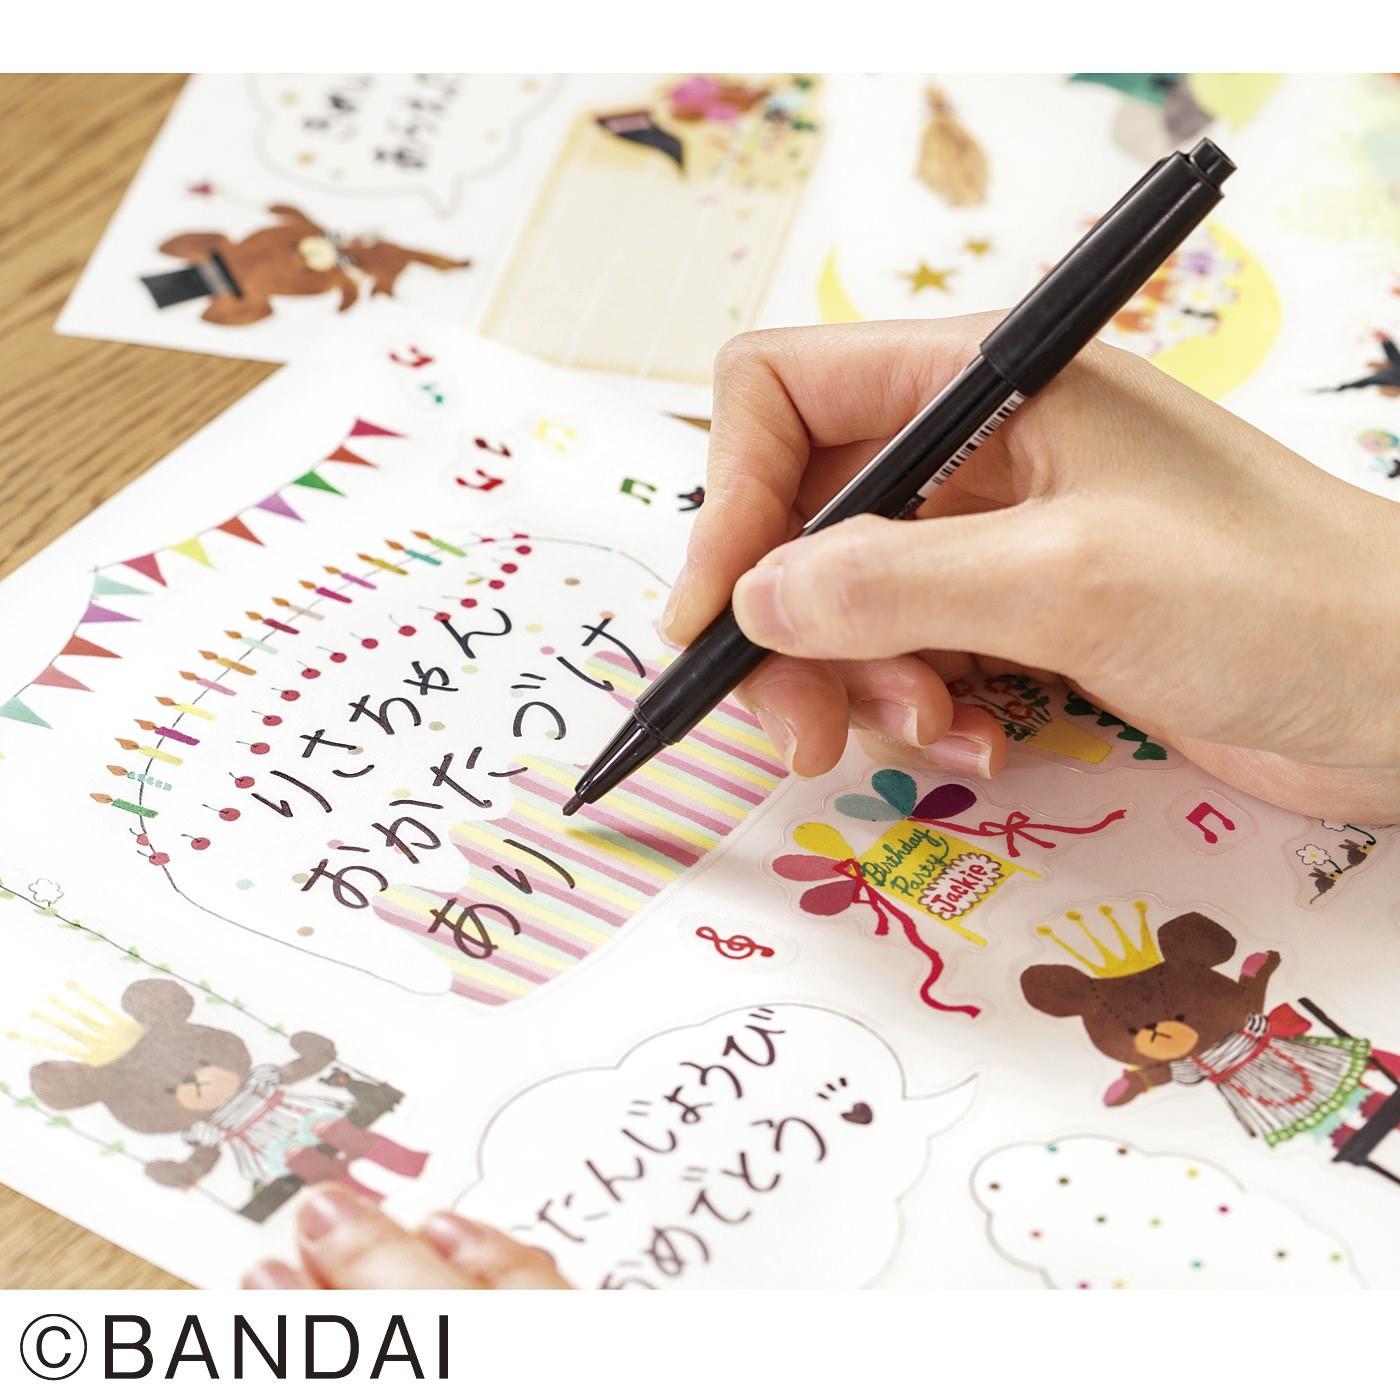 油性ペンで書き込んだり。